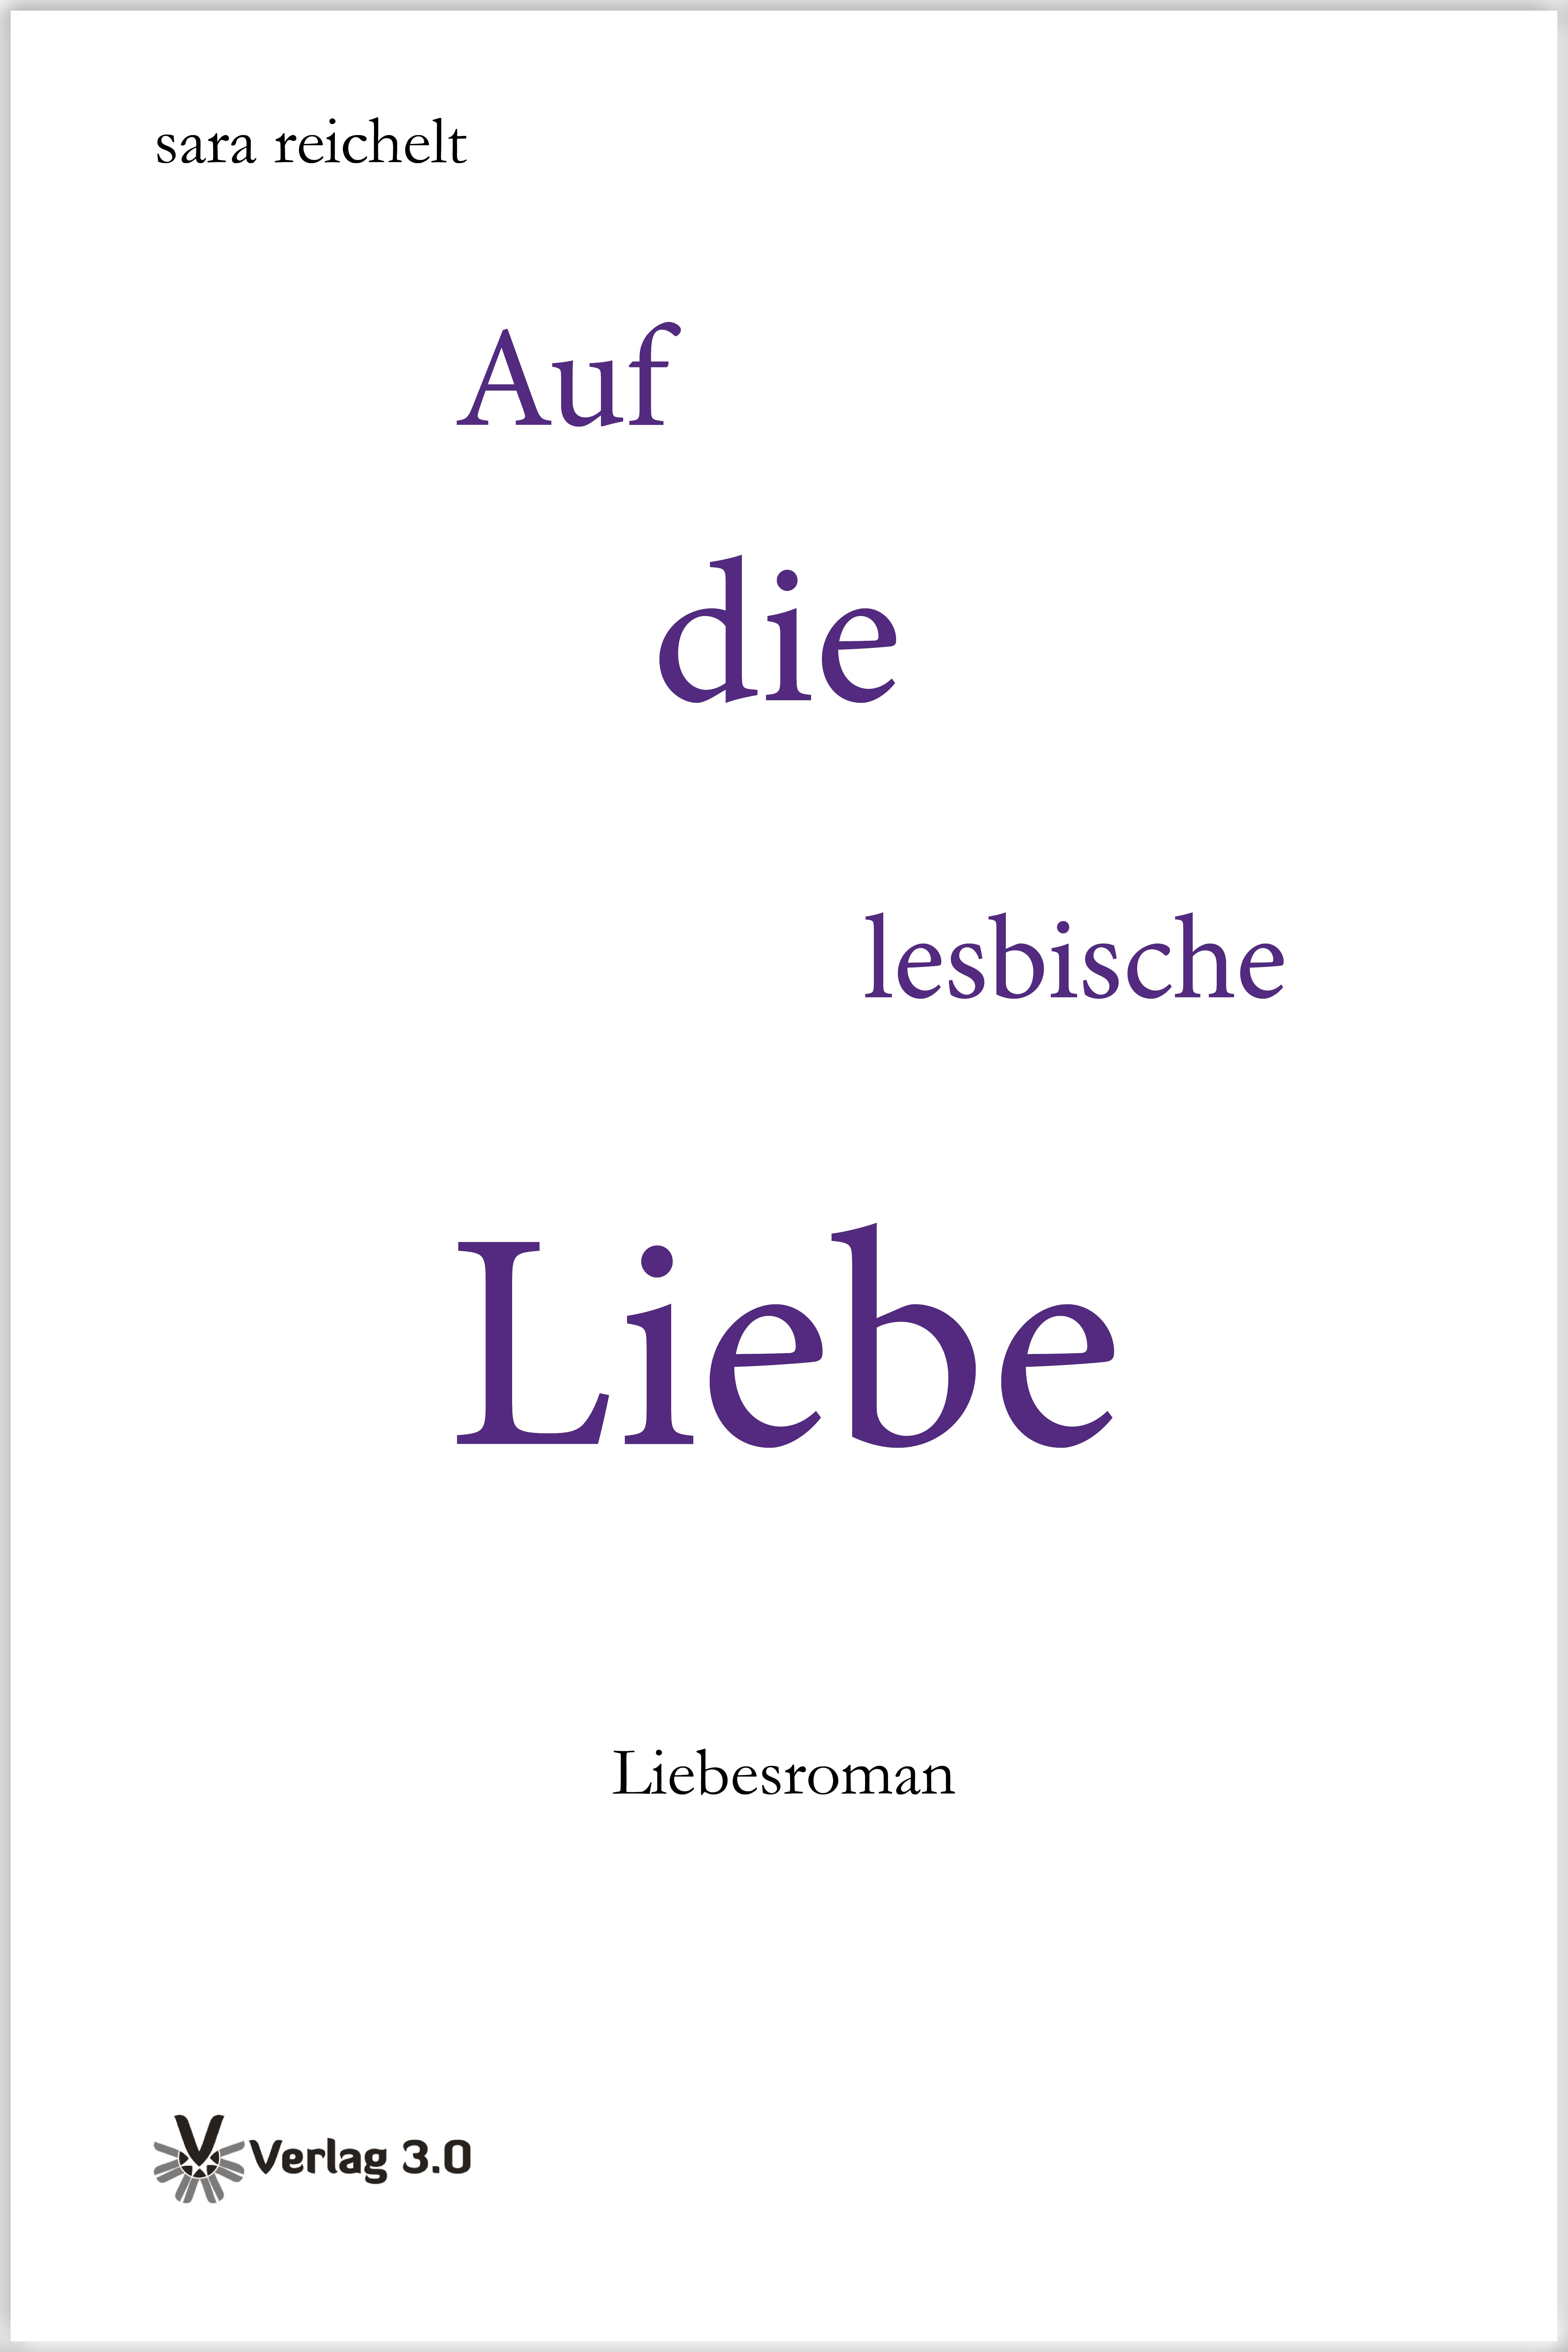 lesbische liebe